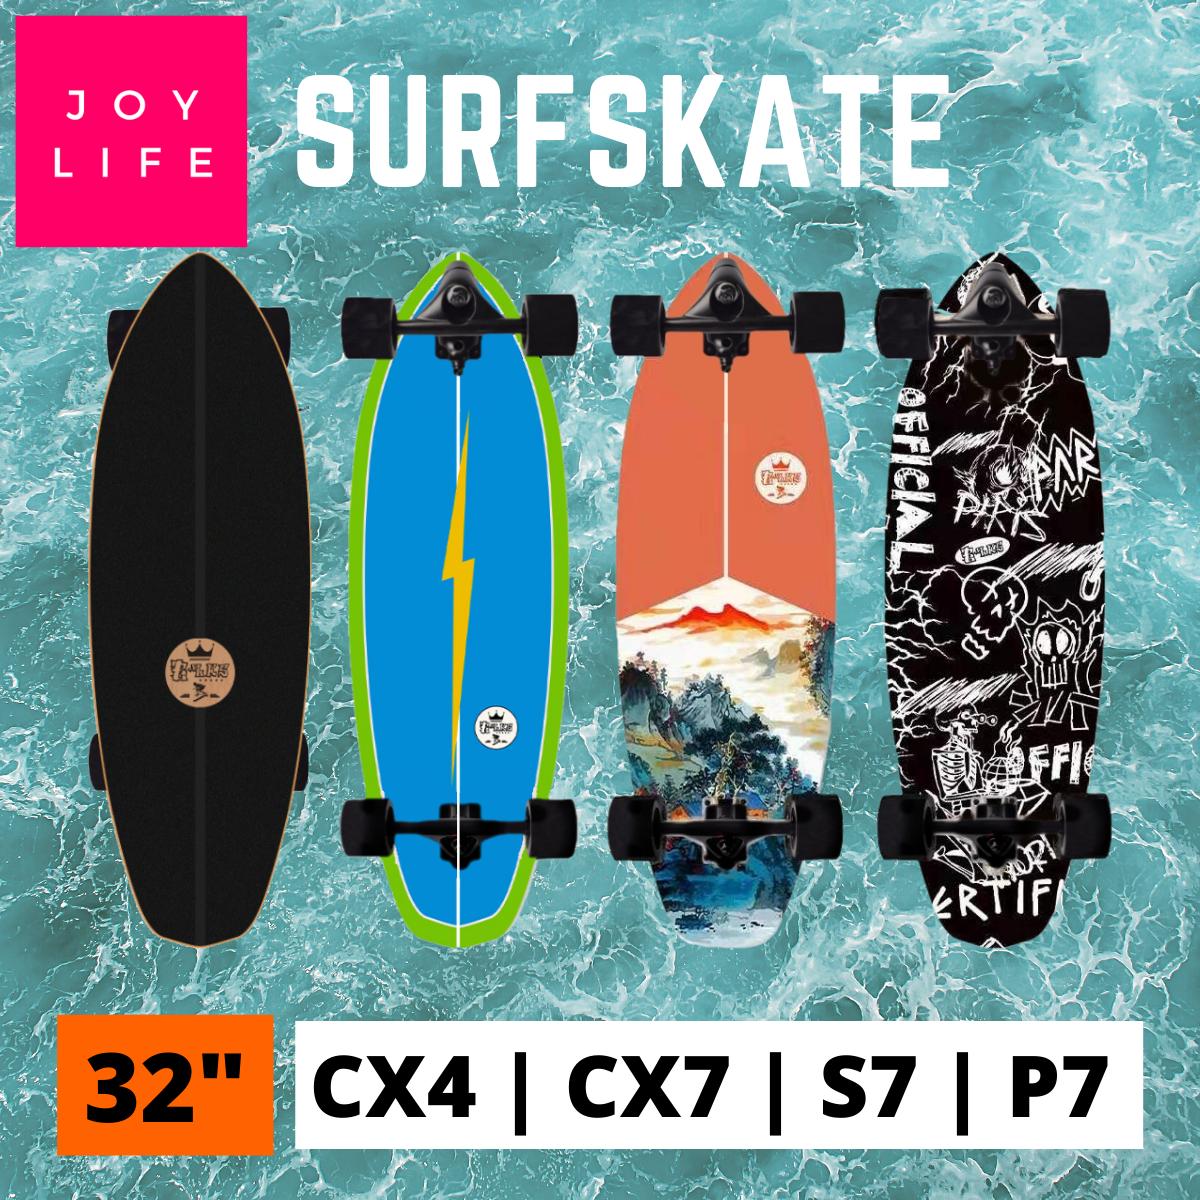 ส่งจากไทย! Blks เซิร์ฟสเก็ต 32 นิ้ว ทรัค Cx4 Cx7 S7 P7 (waterborne) Surfskate 32 ผู้ใหญ่ ของแท้ สเก็ตบอร์ด Skateboard.